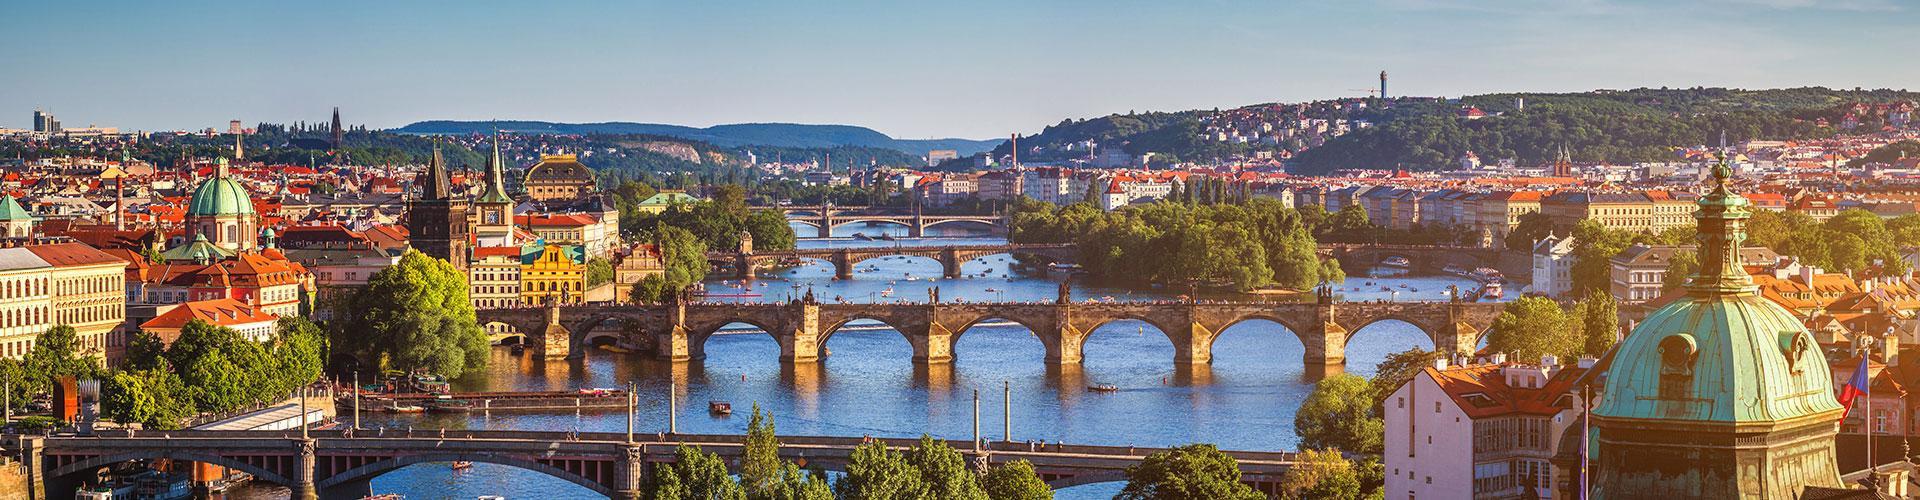 Monaco, Praga e Berlino - Viaggi di Gruppo per la Terza Età